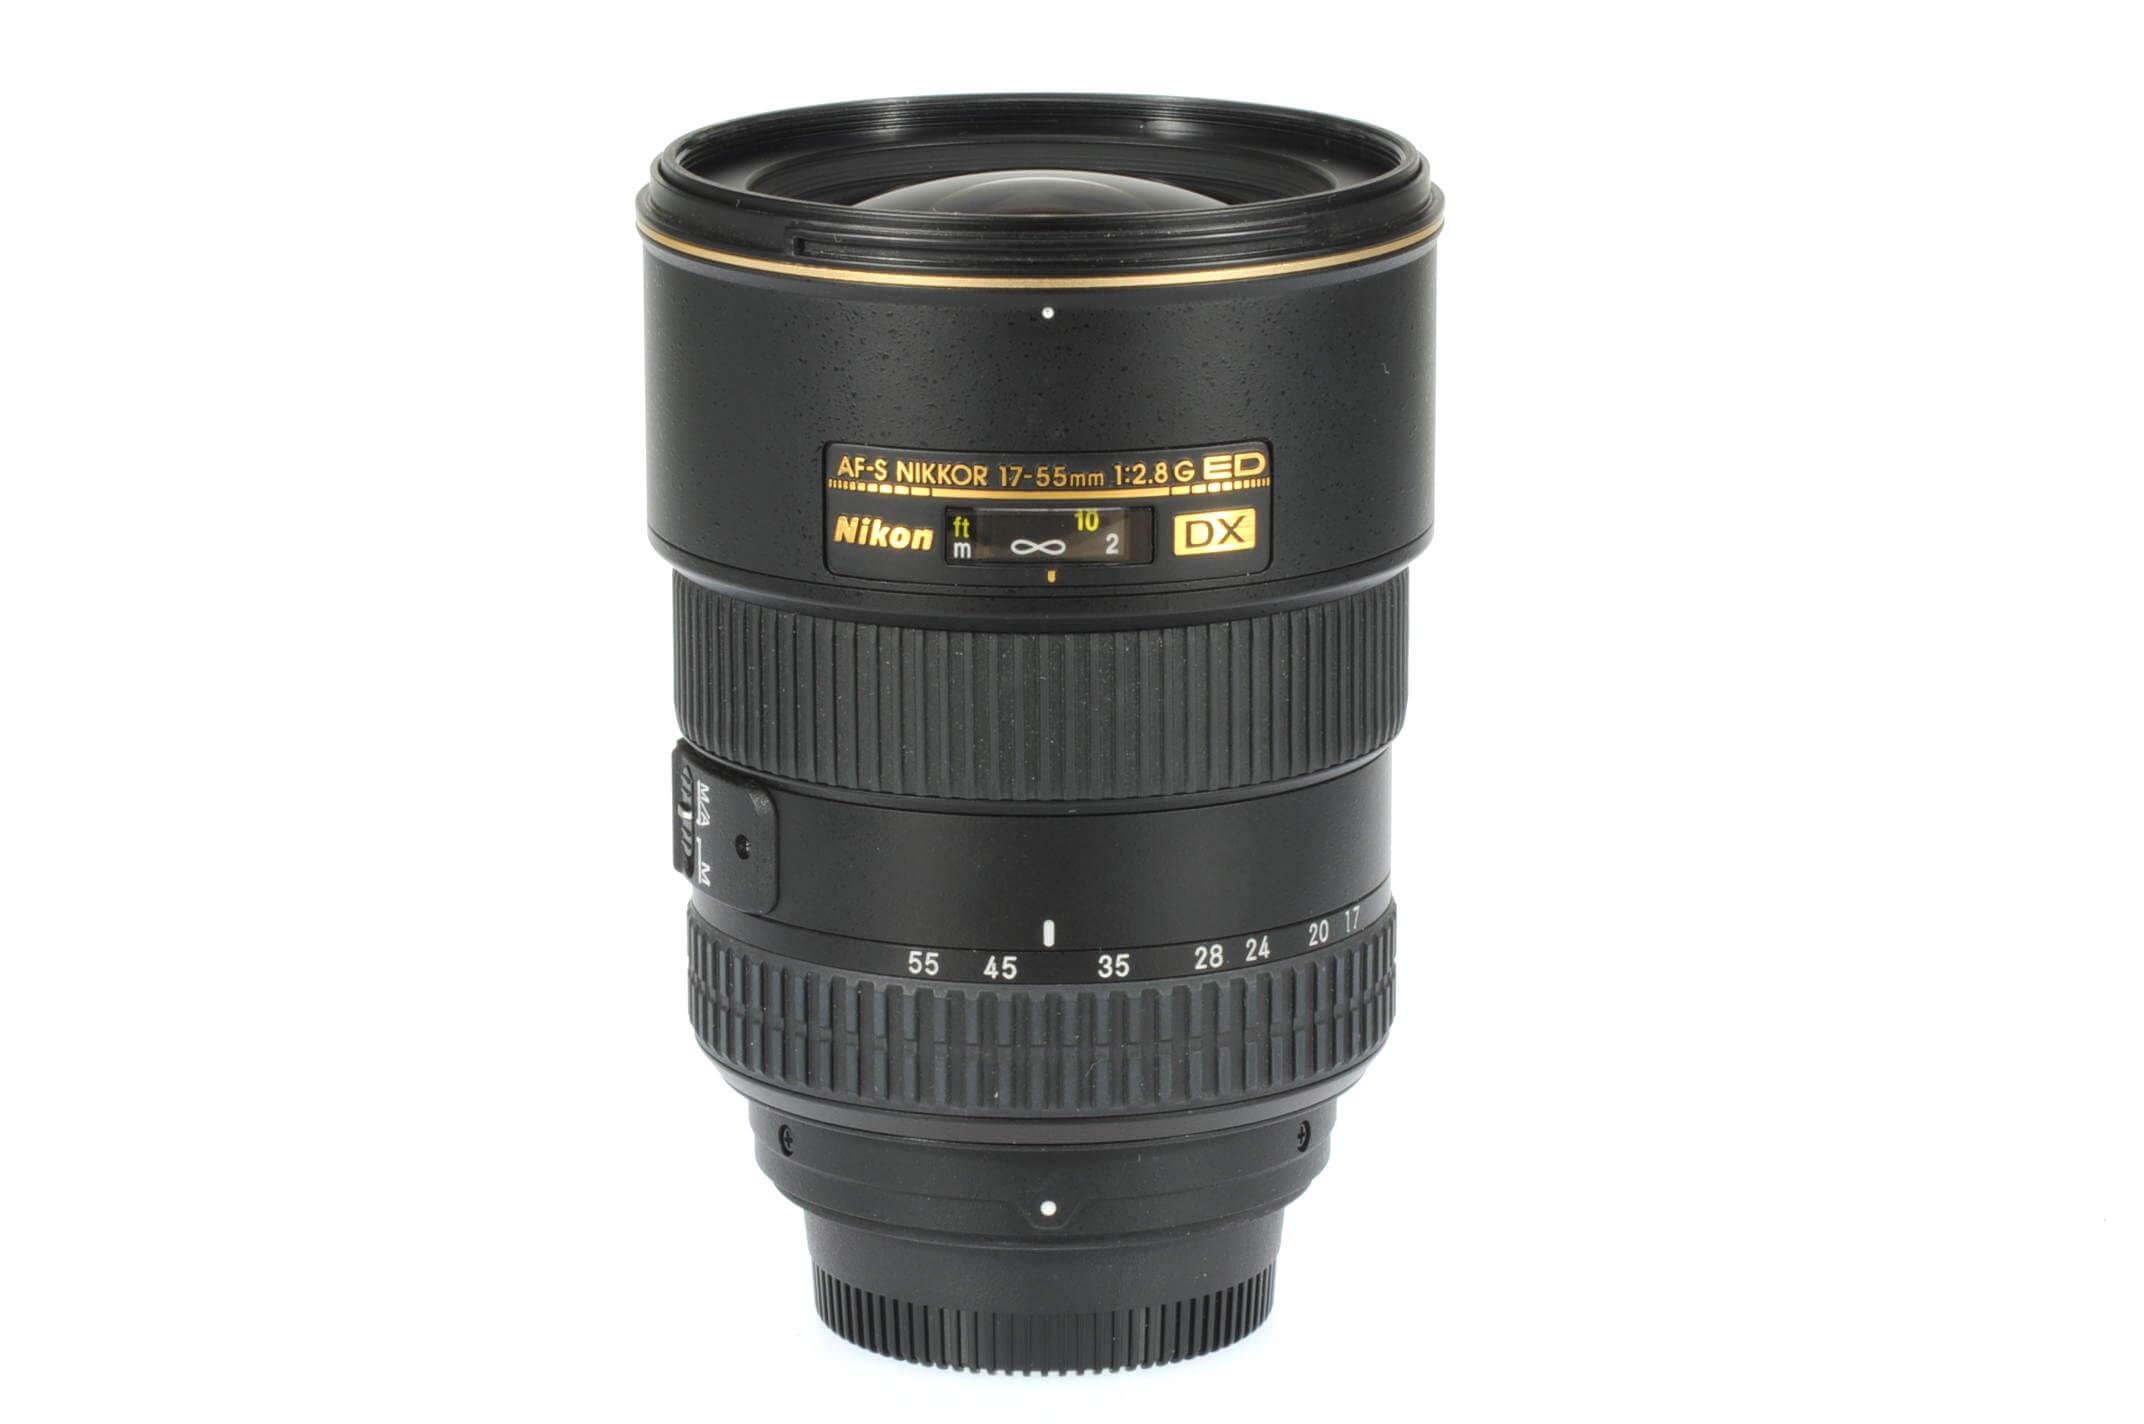 Nikon 17-55 f2.8 AF-S DX lens, boxed and mint!